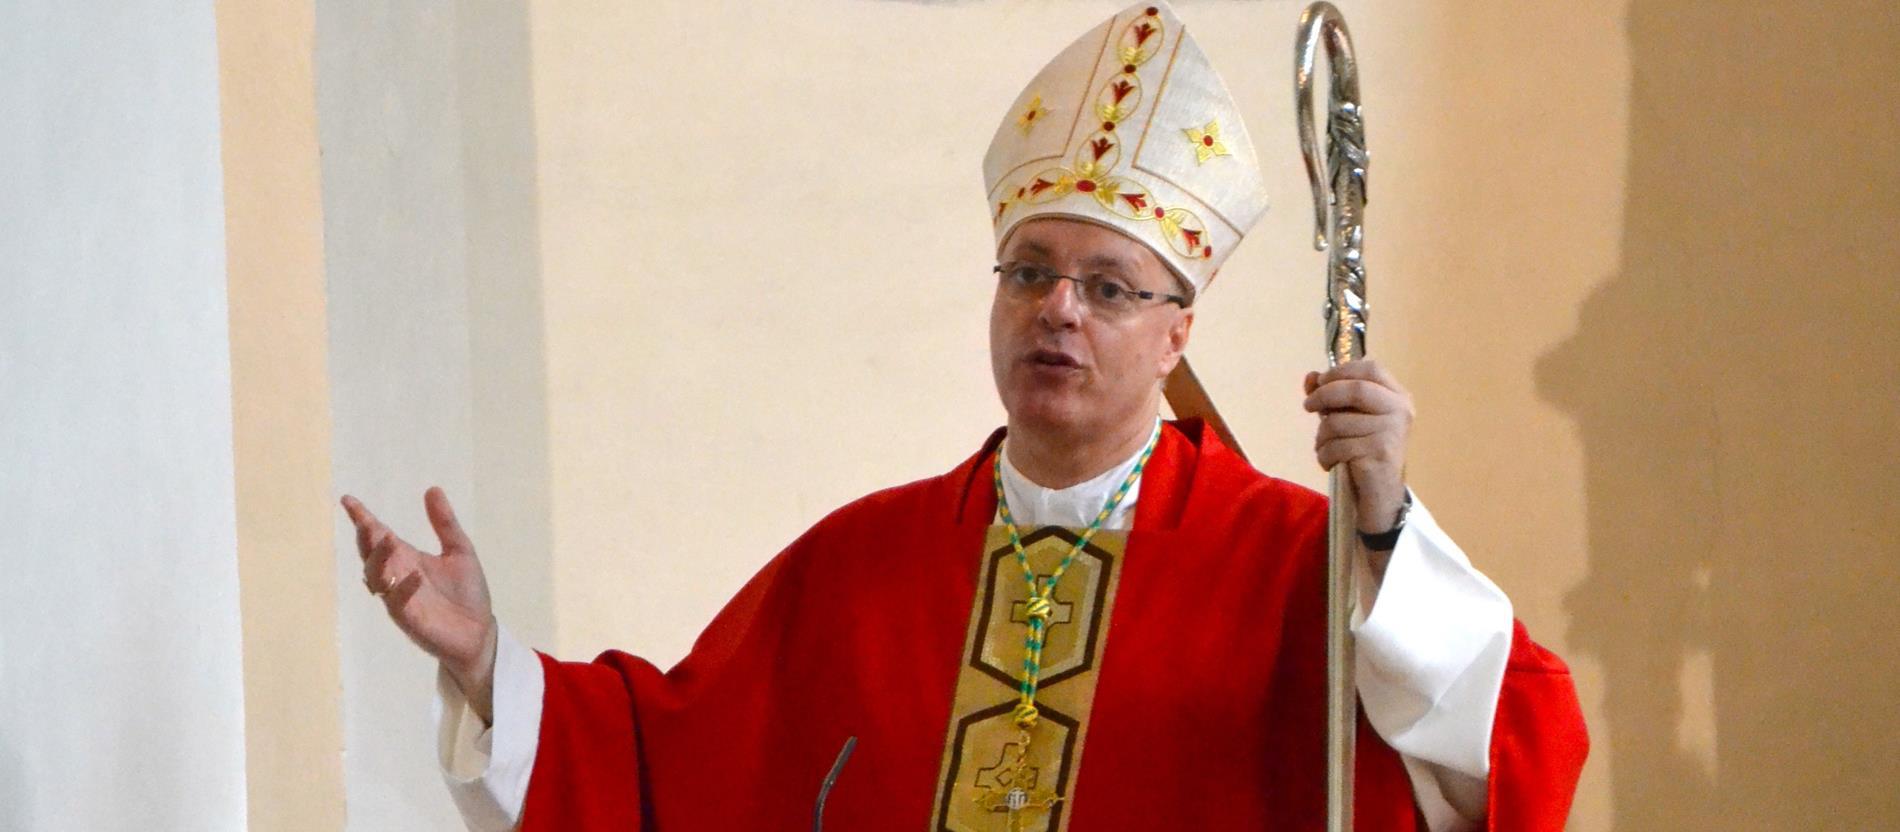 Bischof Zsifkovics